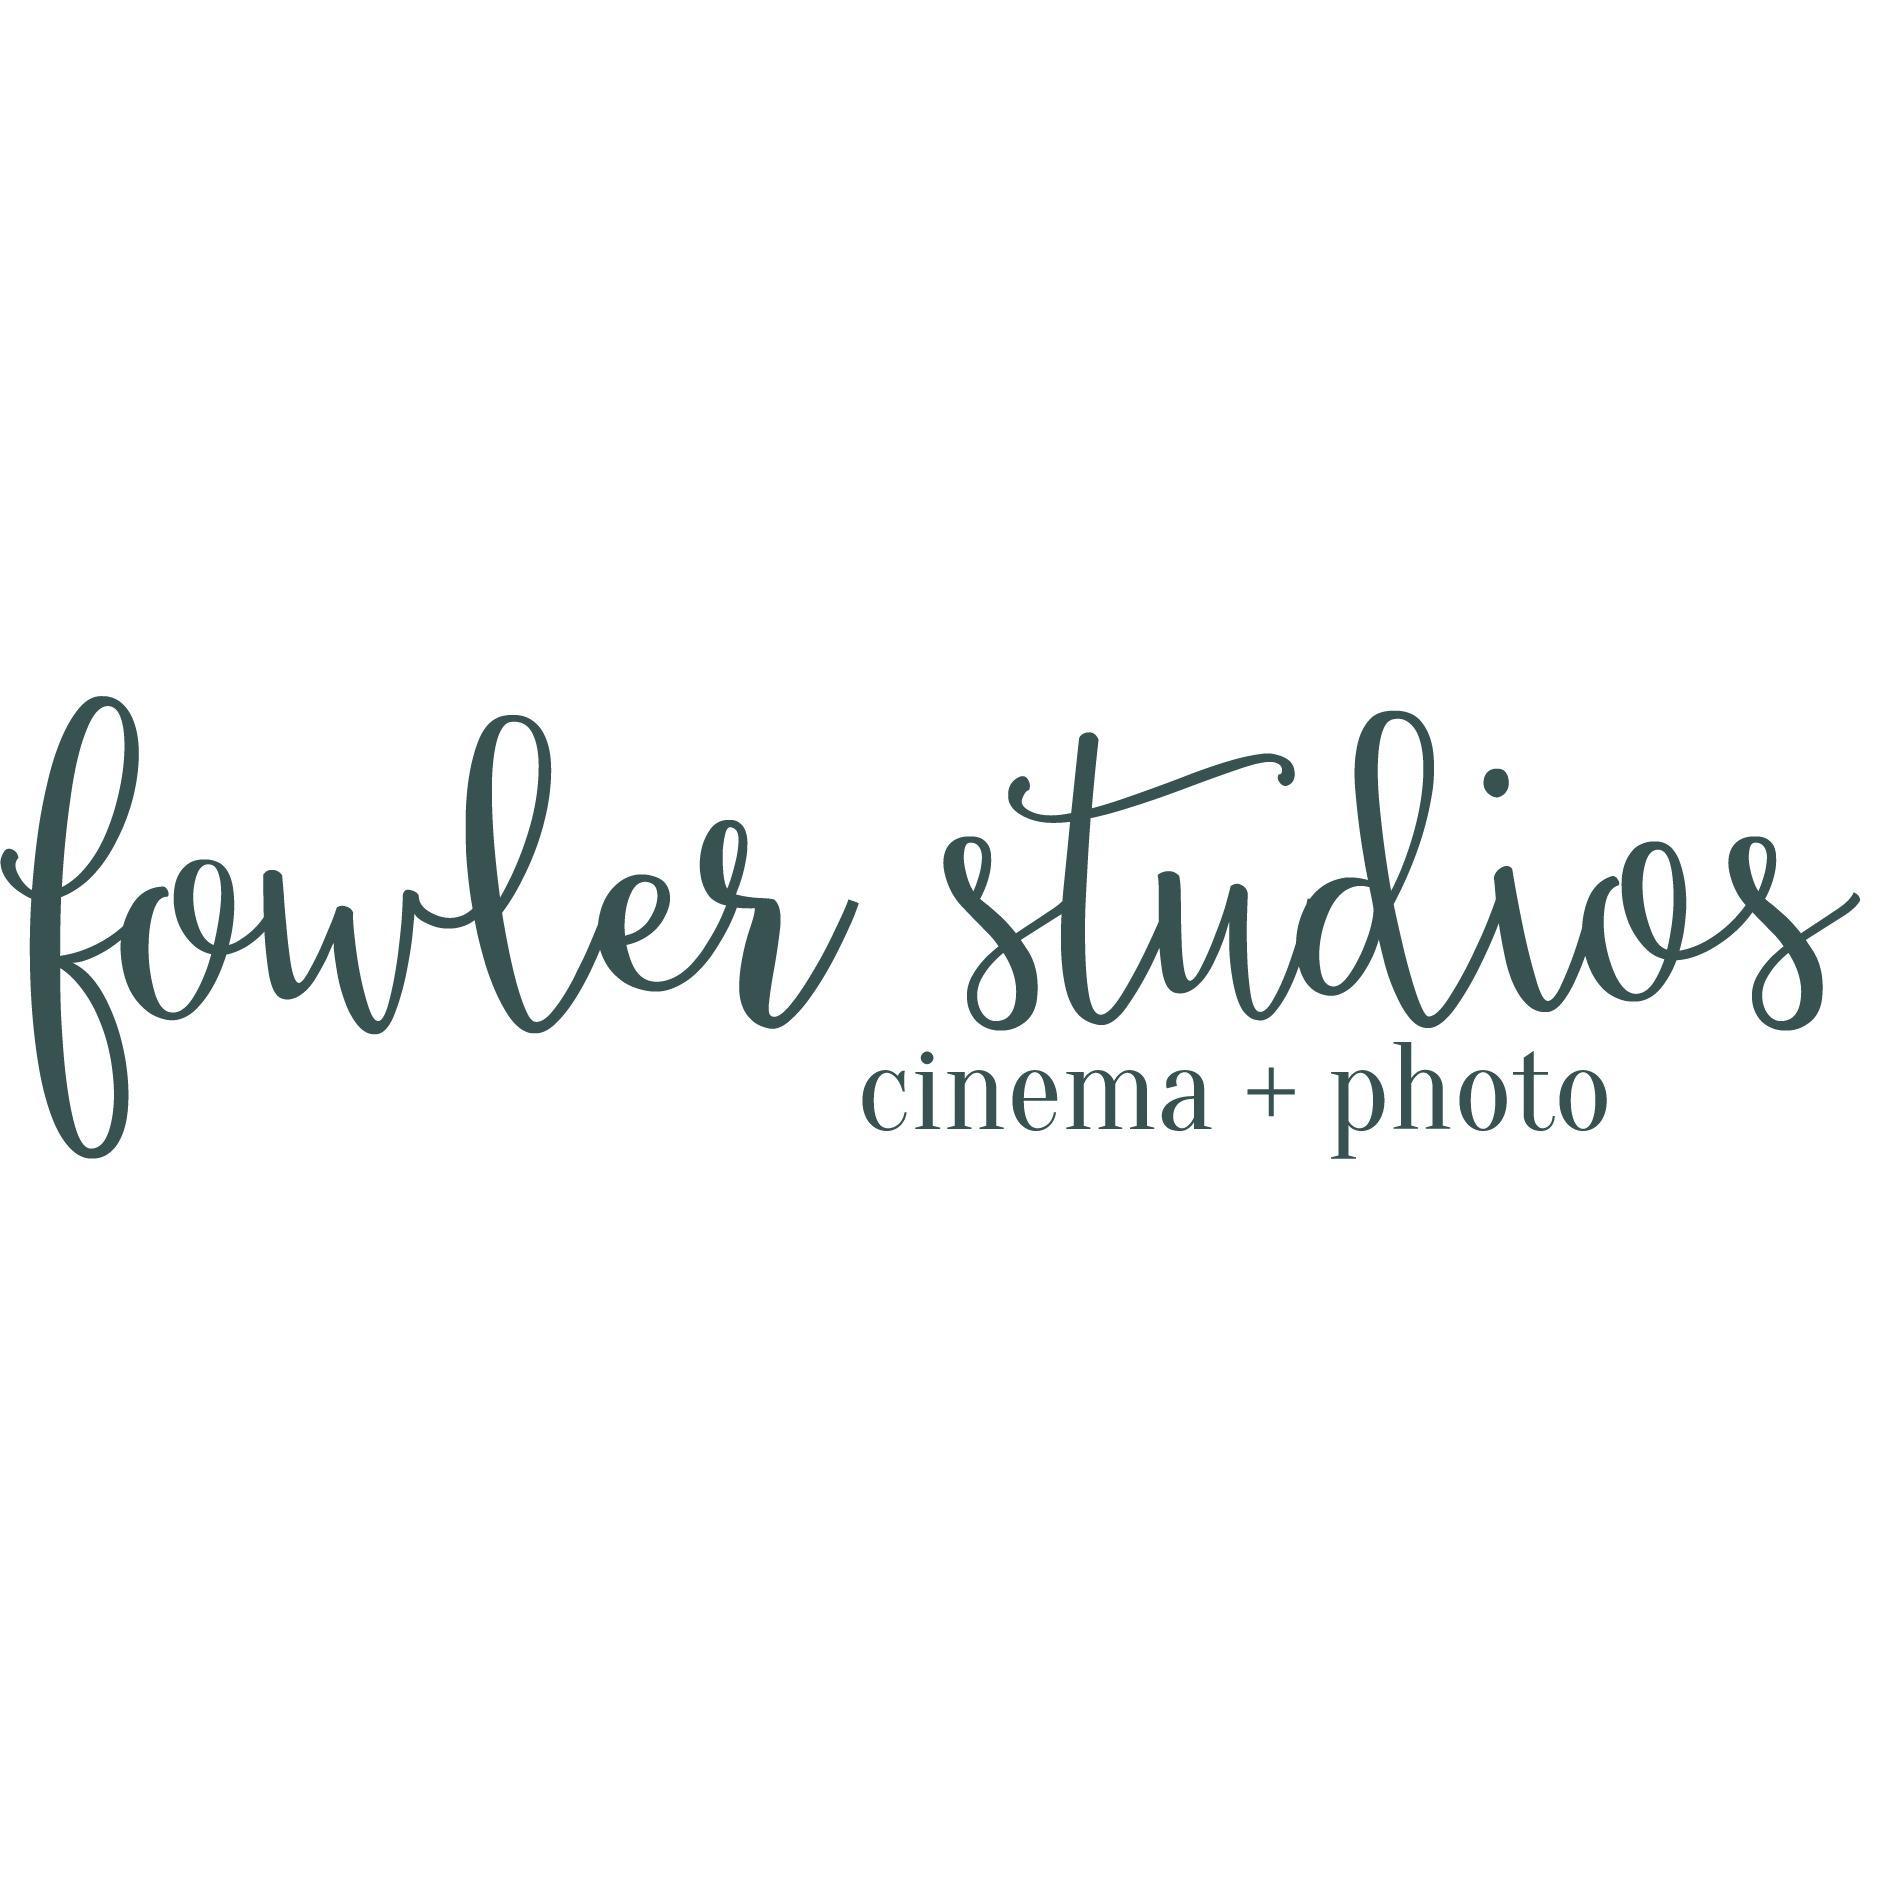 Fowler Studios